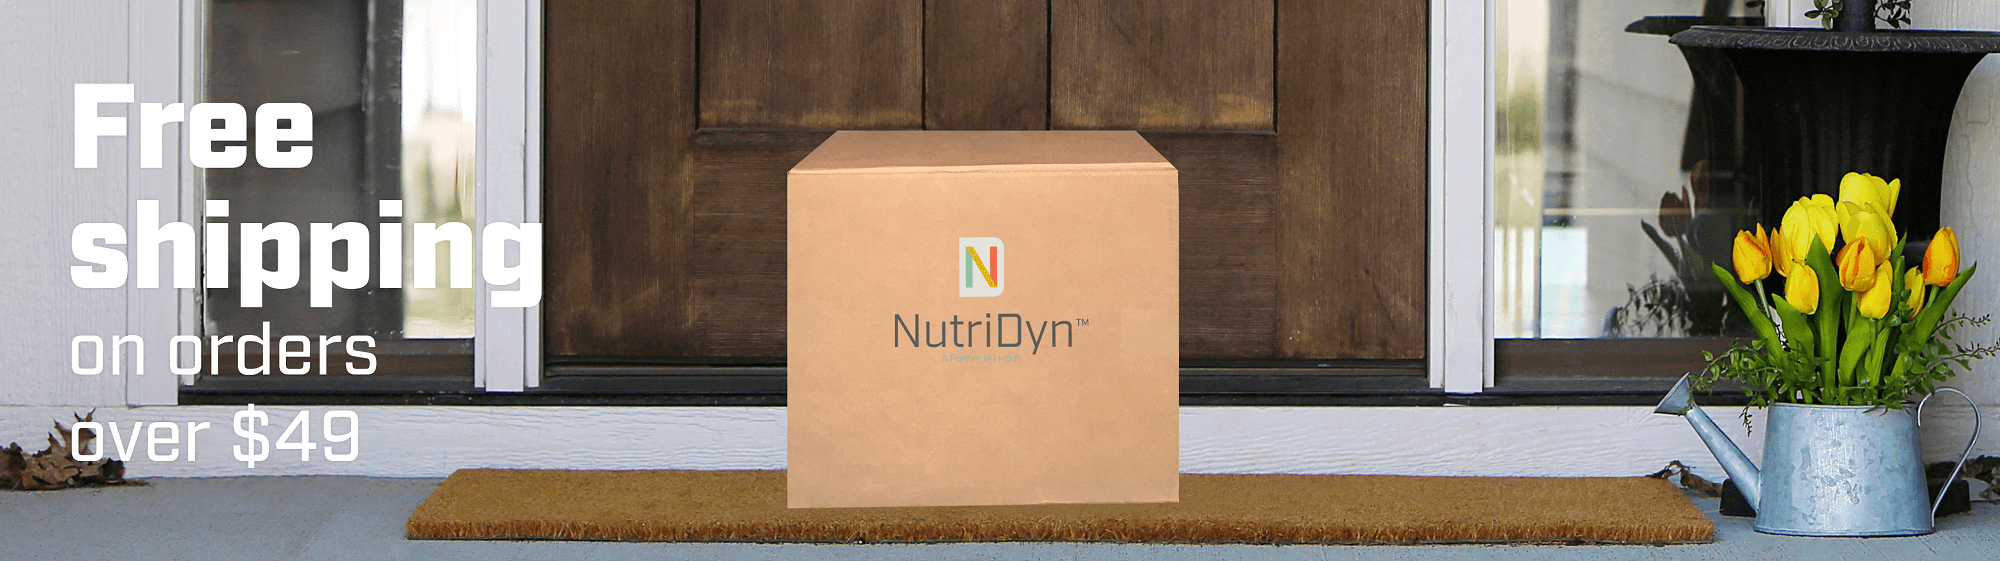 Nutri-Dyn